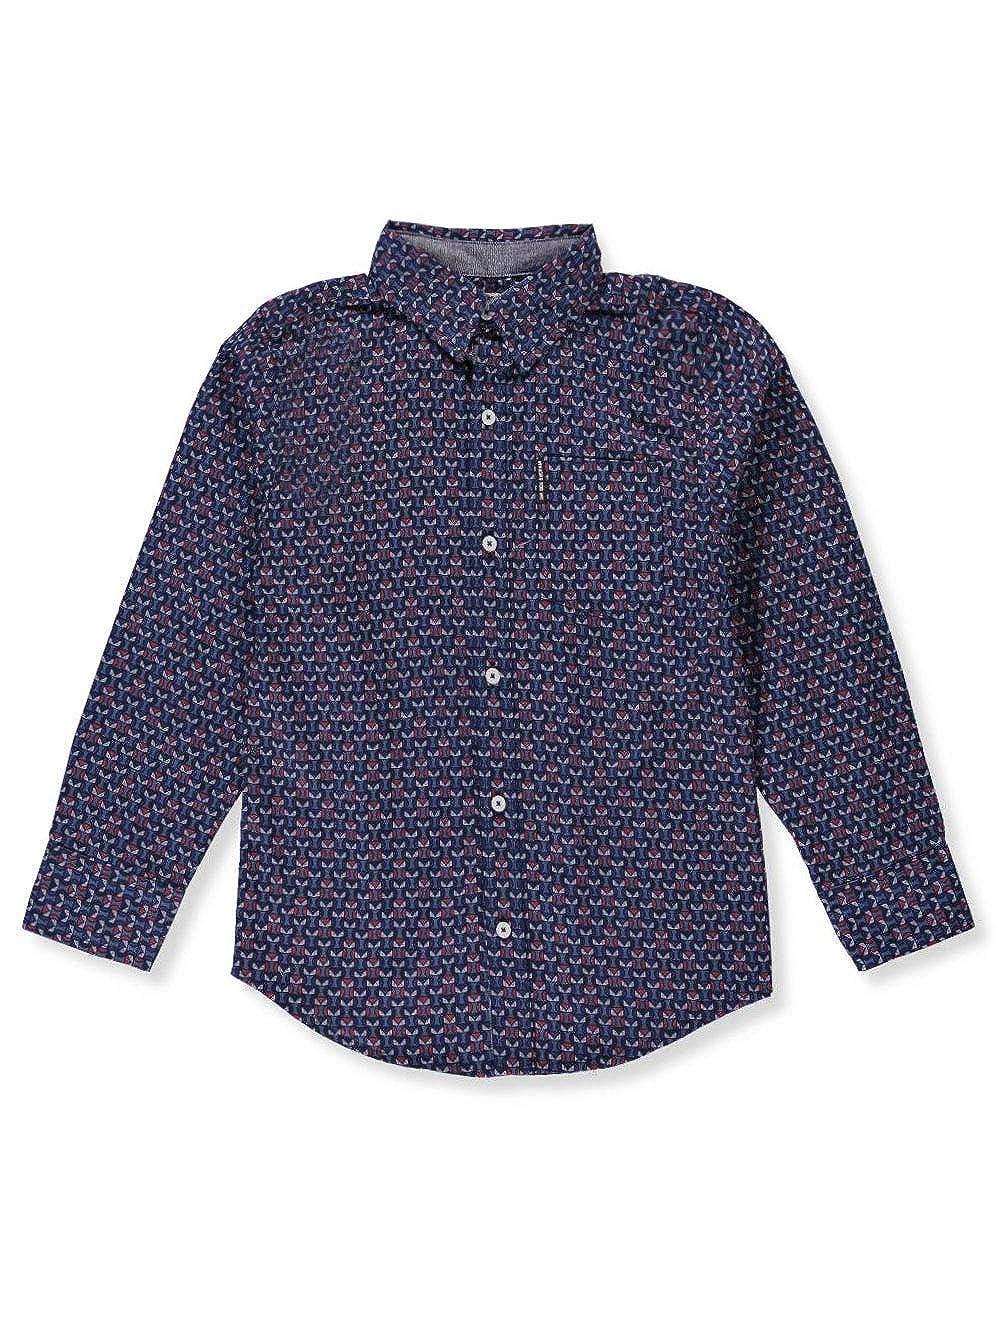 Ben Sherman Boys' L/S Button-Down Shirt